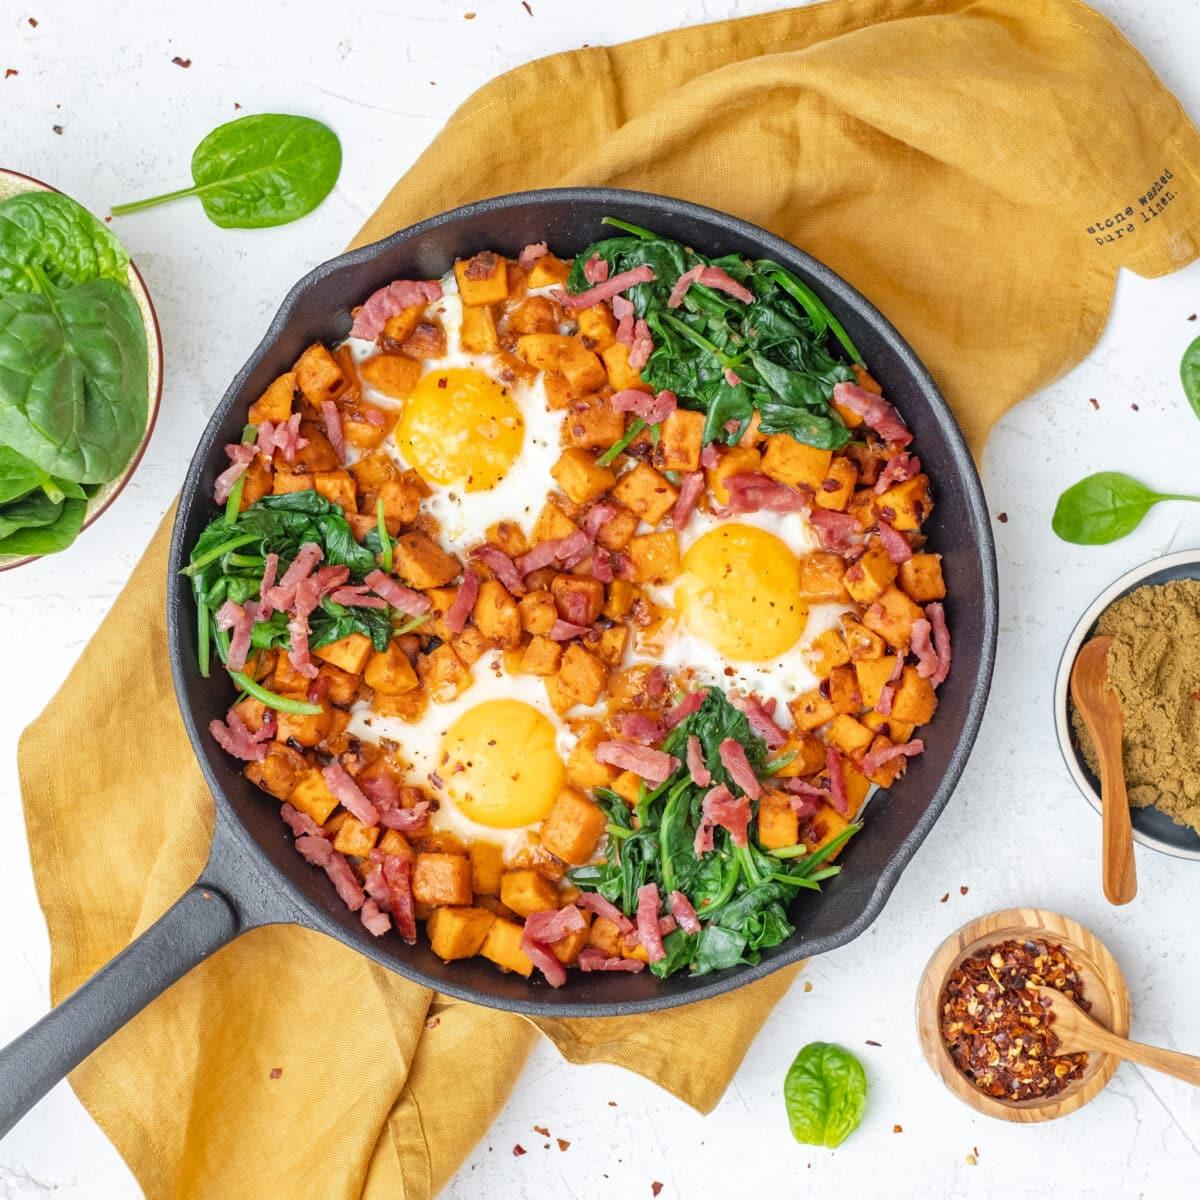 vierkante foto van Bovenaanzicht hartig ontbijt met zoete aardappel